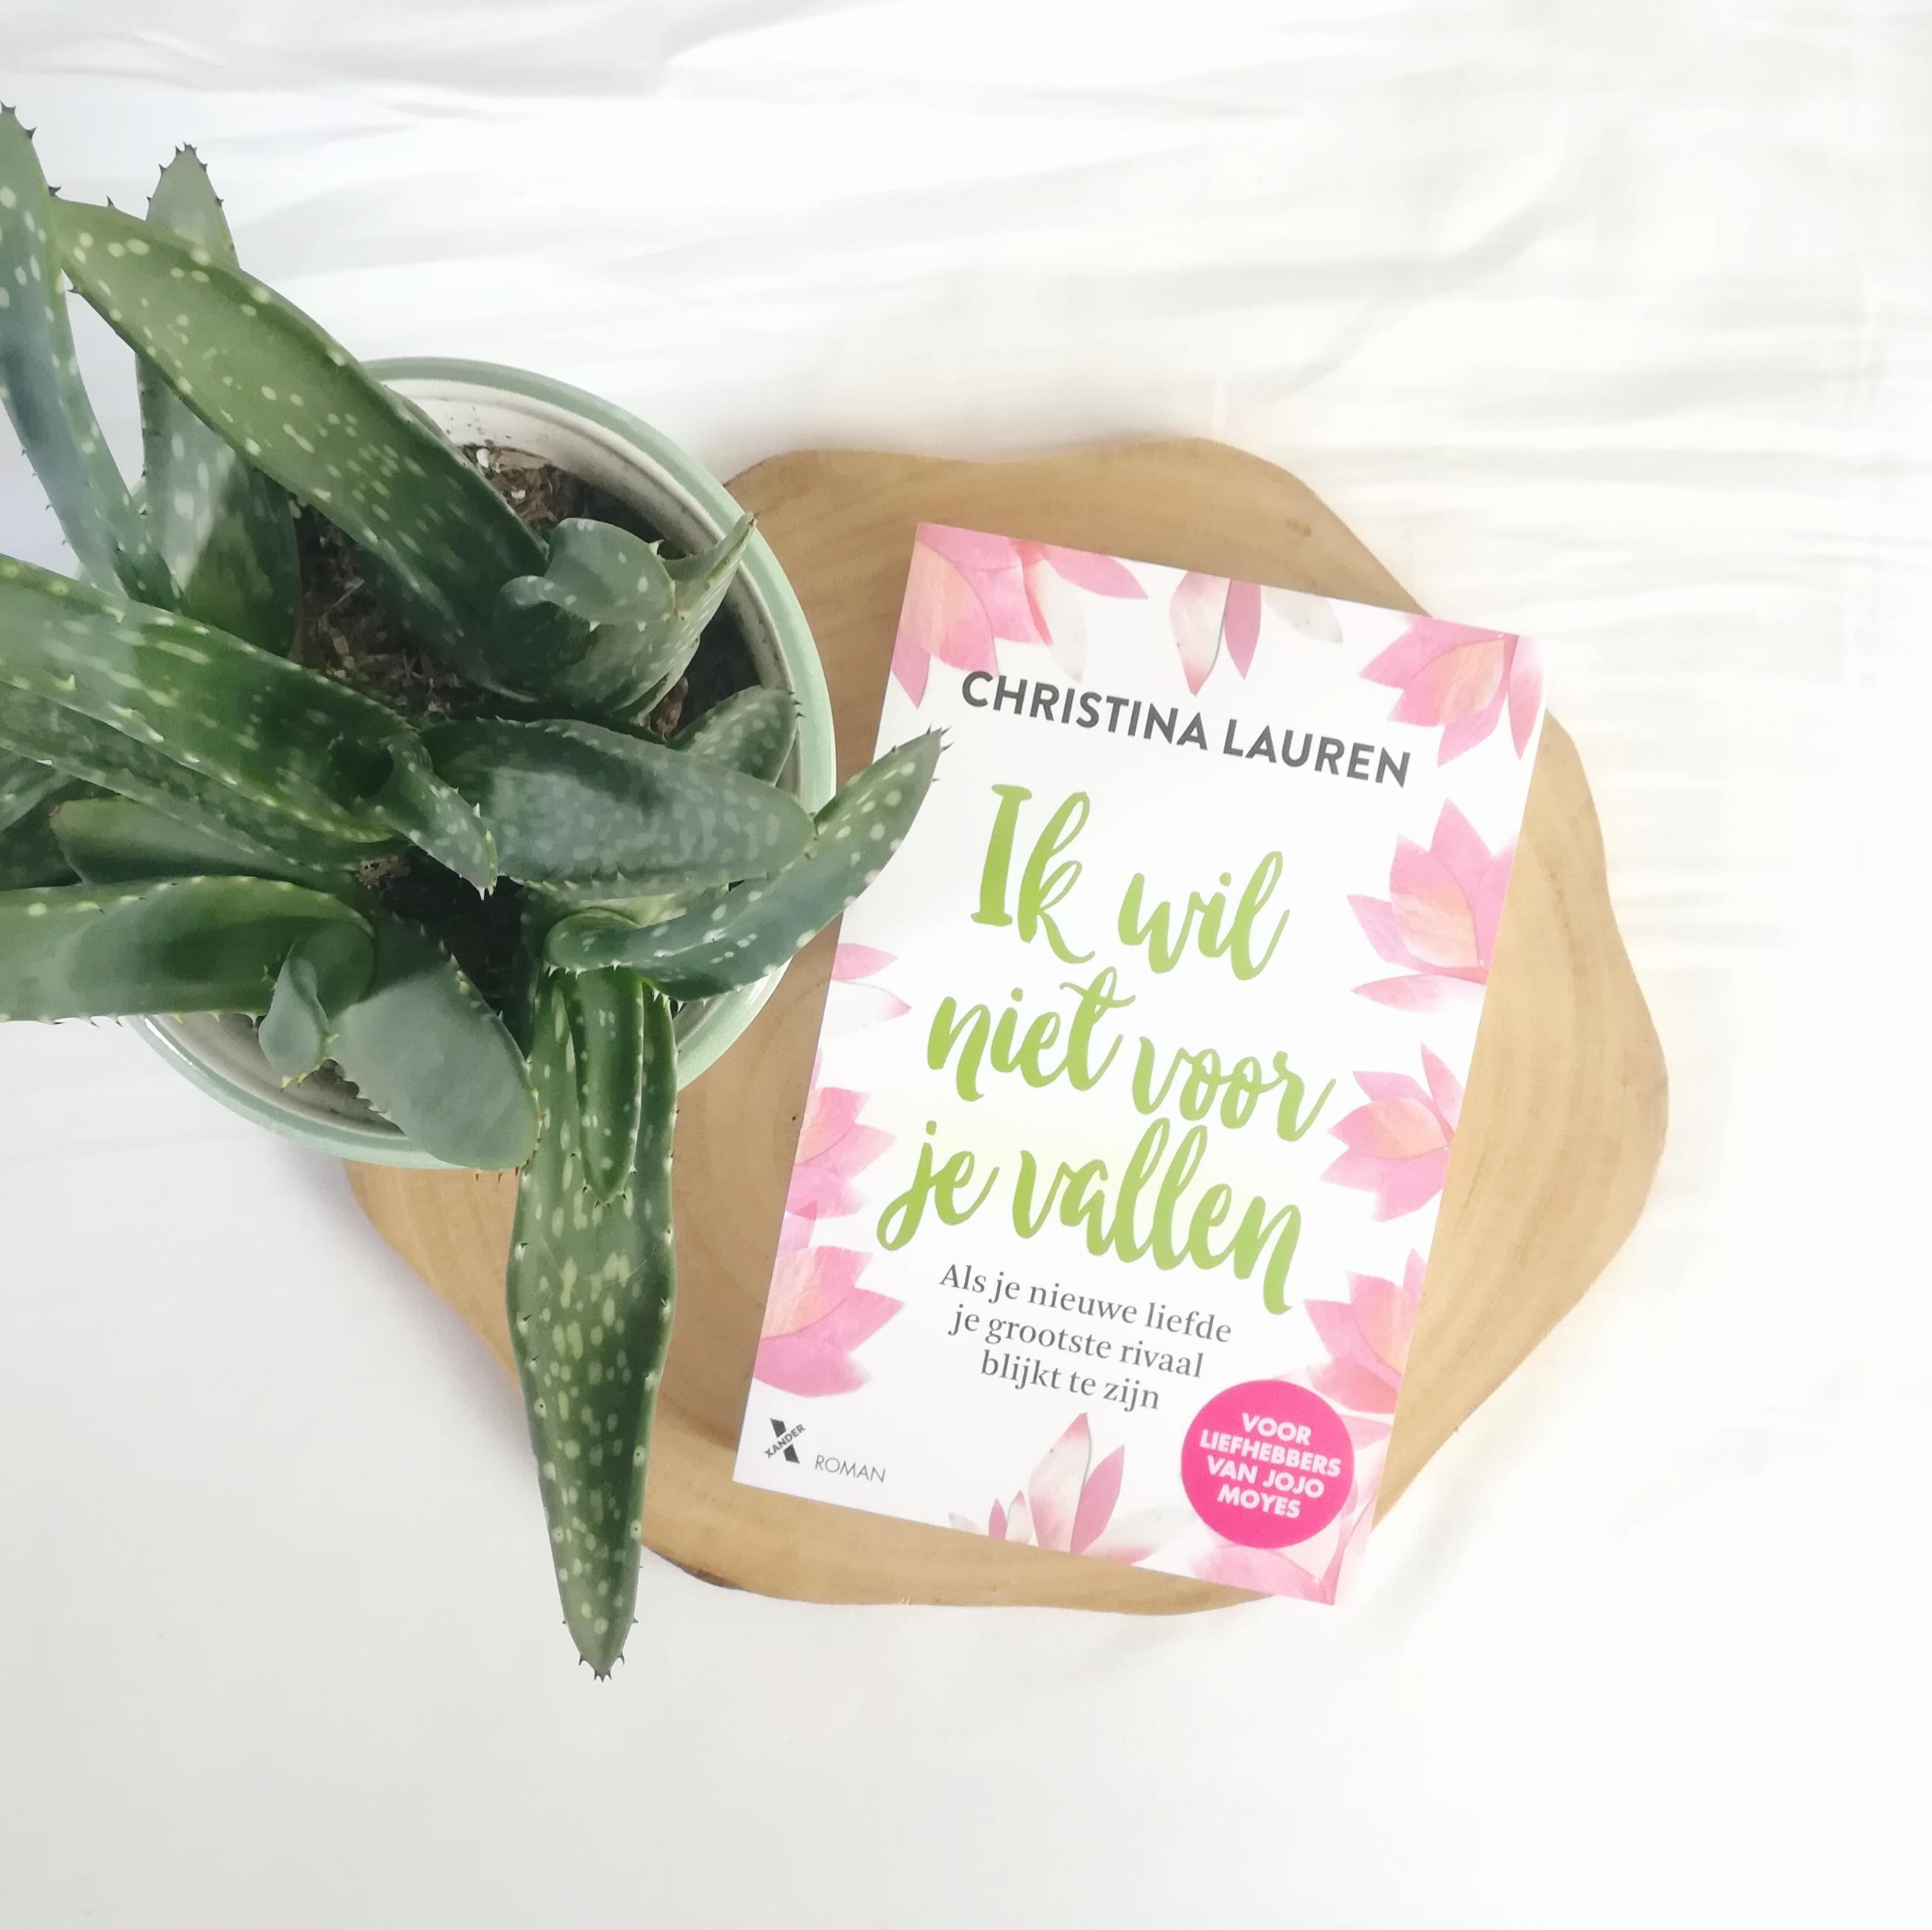 Ik wil niet voor je vallen - Christina Lauren | recensie Marieke's Books